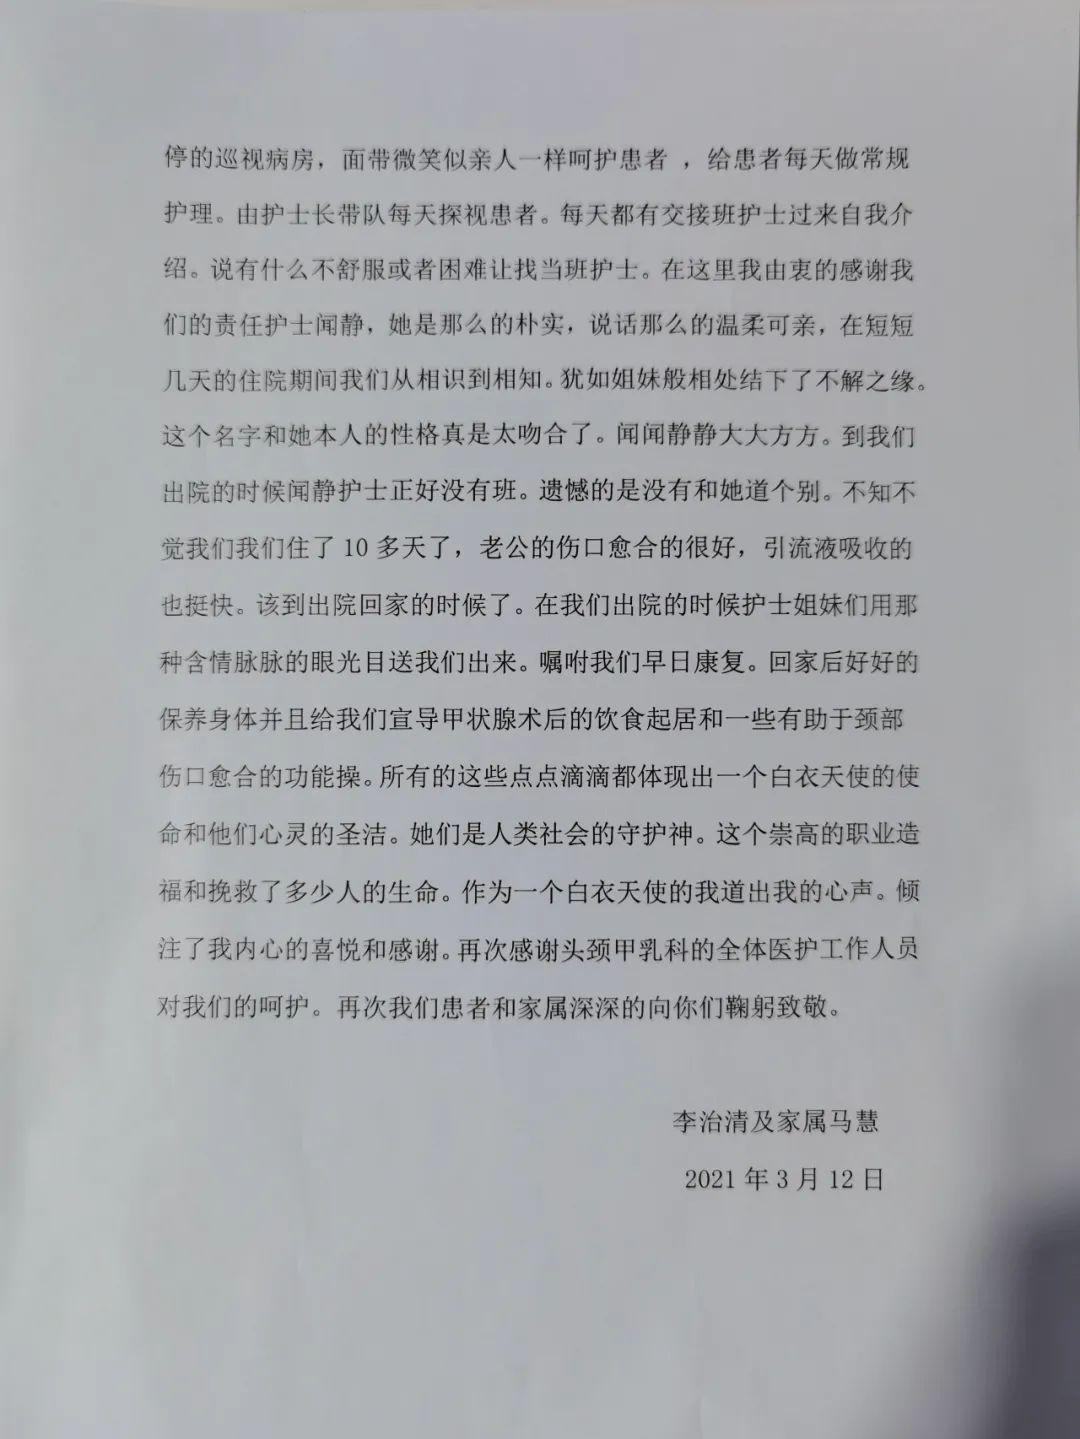 诊间故事:巴彦淖尔市医院甲乳外科收到同行感谢信